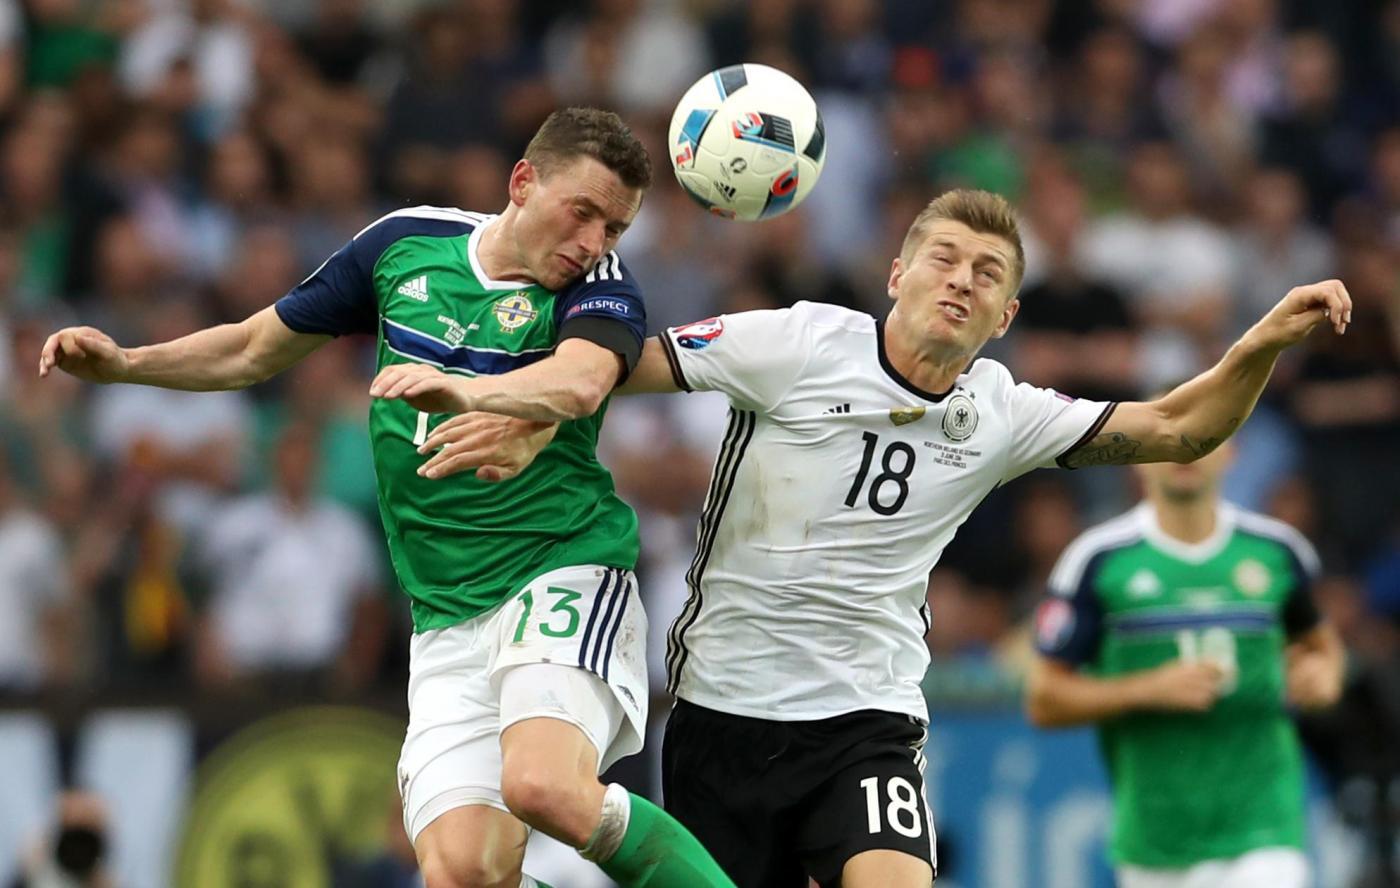 Irlanda del Nord vs Germania UEFA Euro 2016 Group C